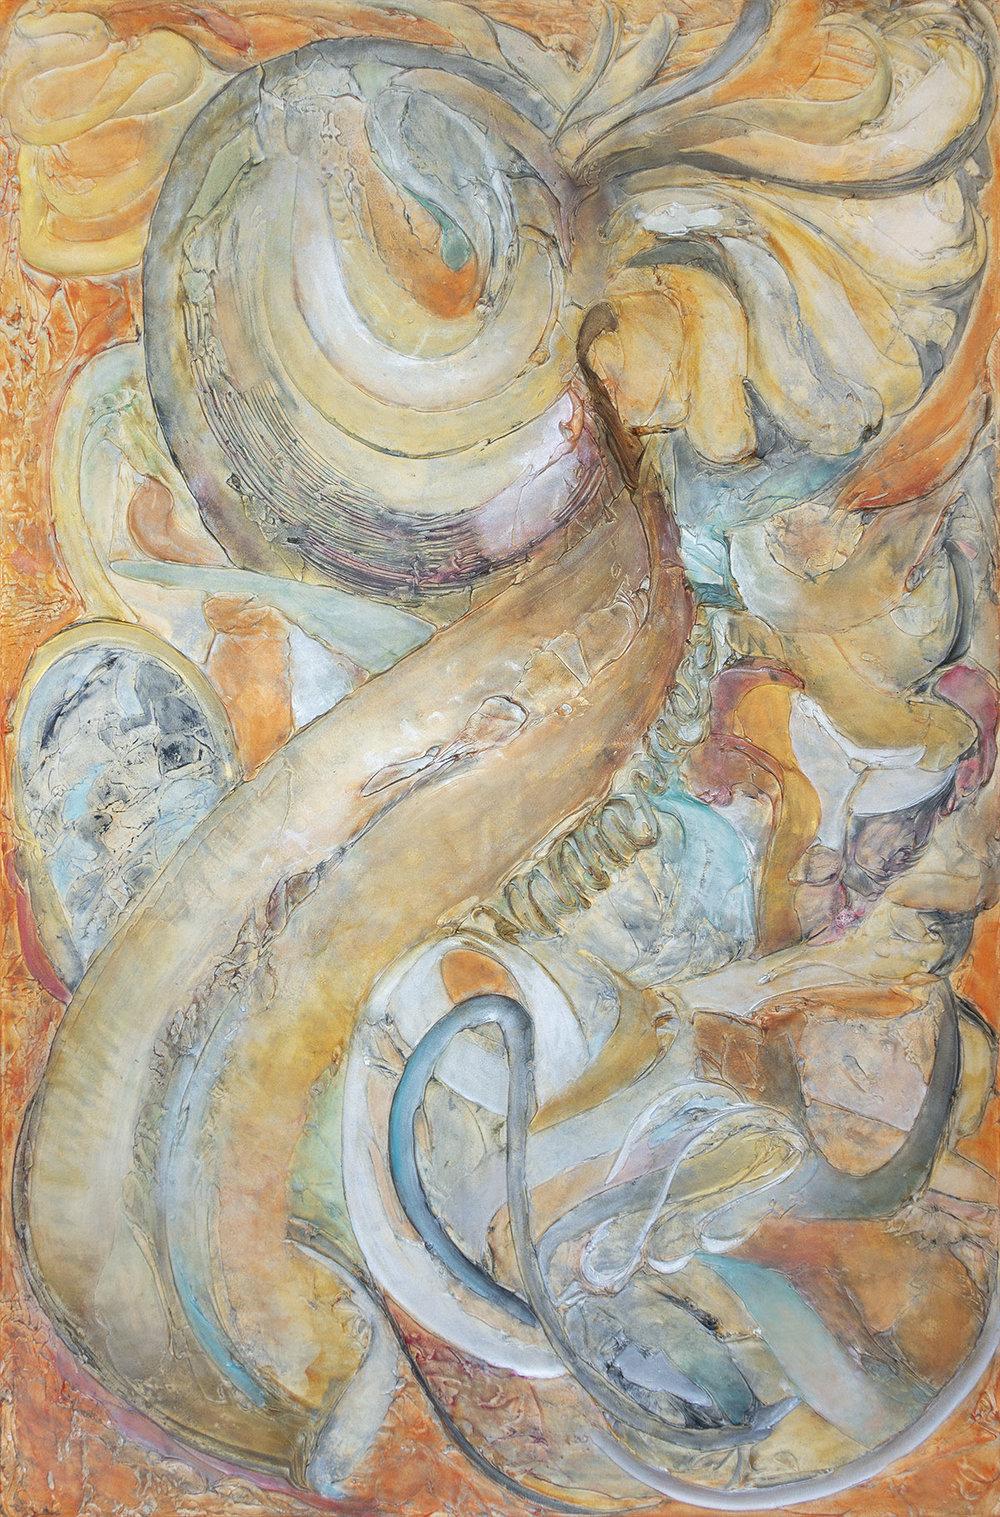 Seahorse, 2018